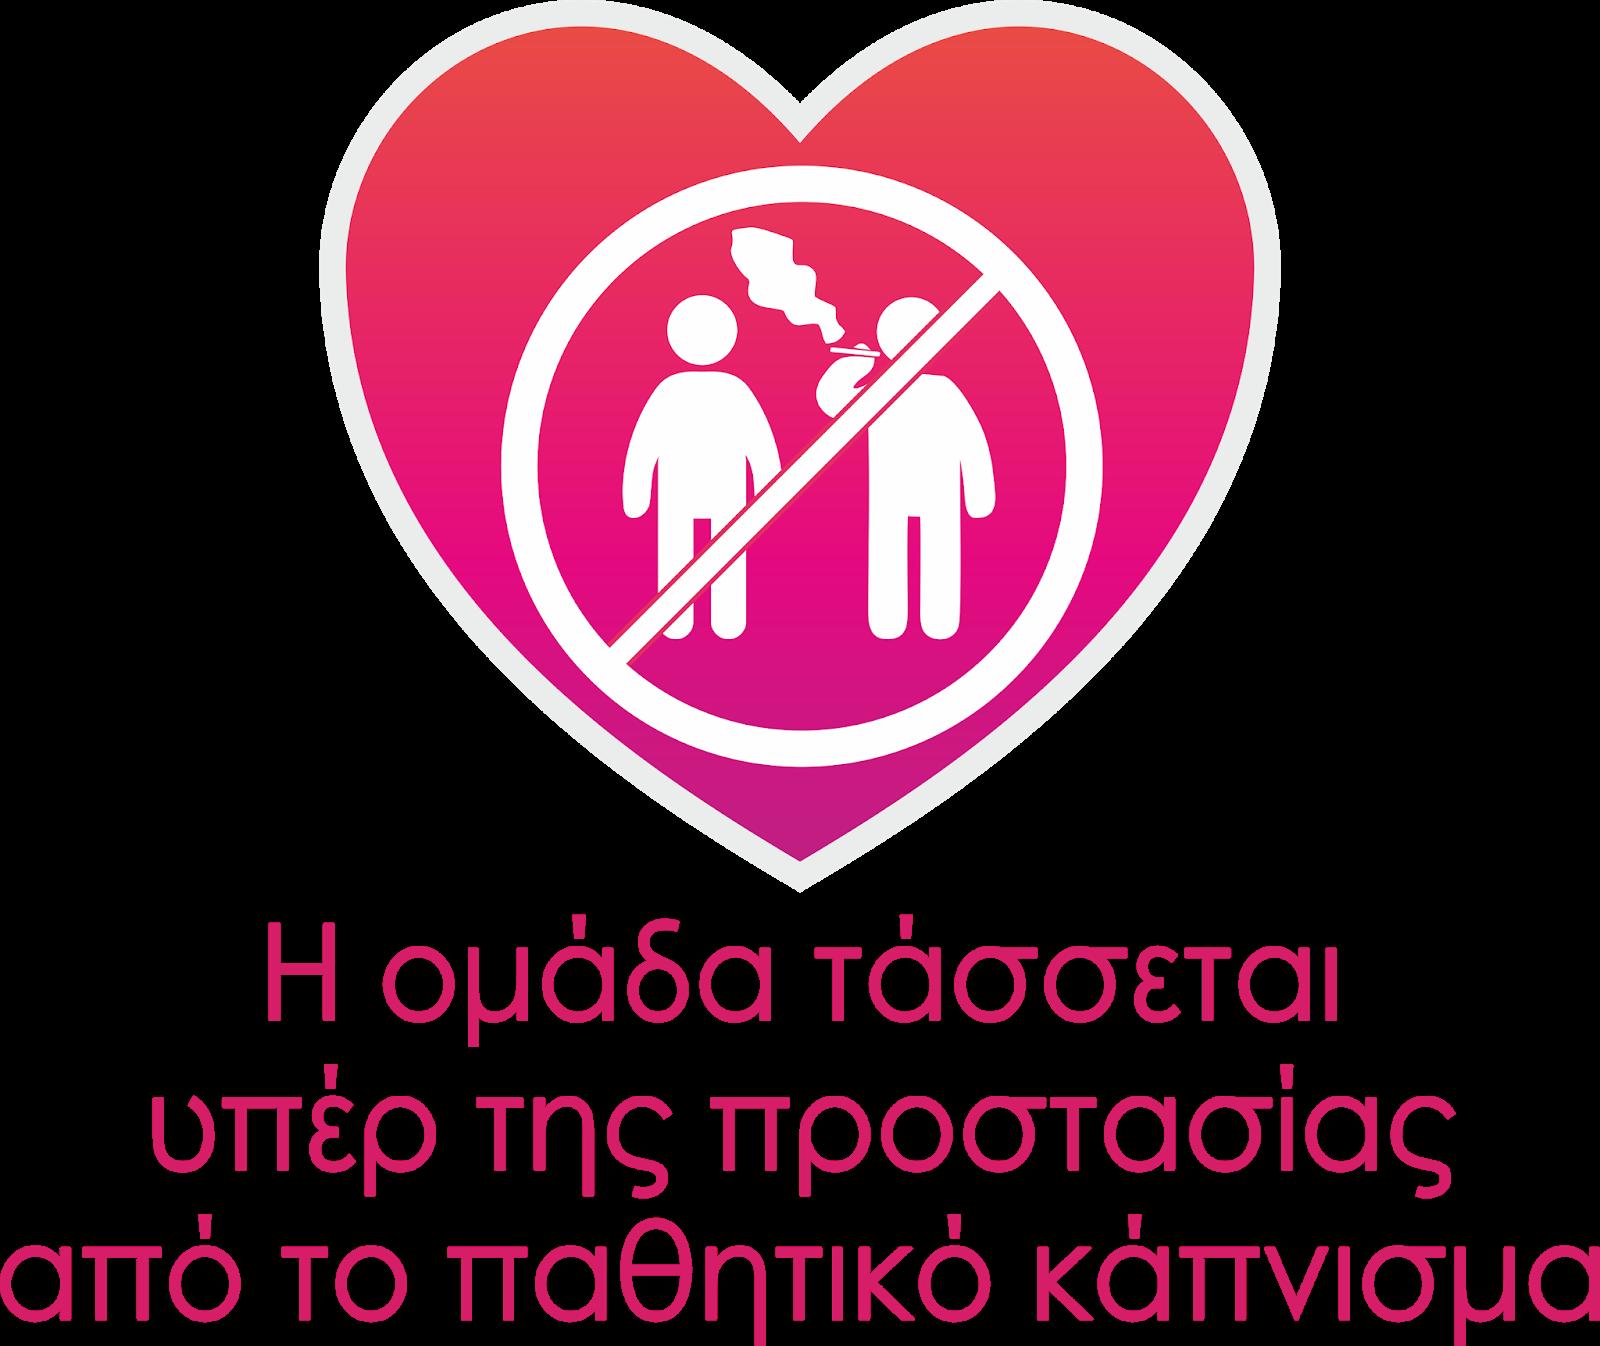 δωρεάν Ουκρανία dating και chat